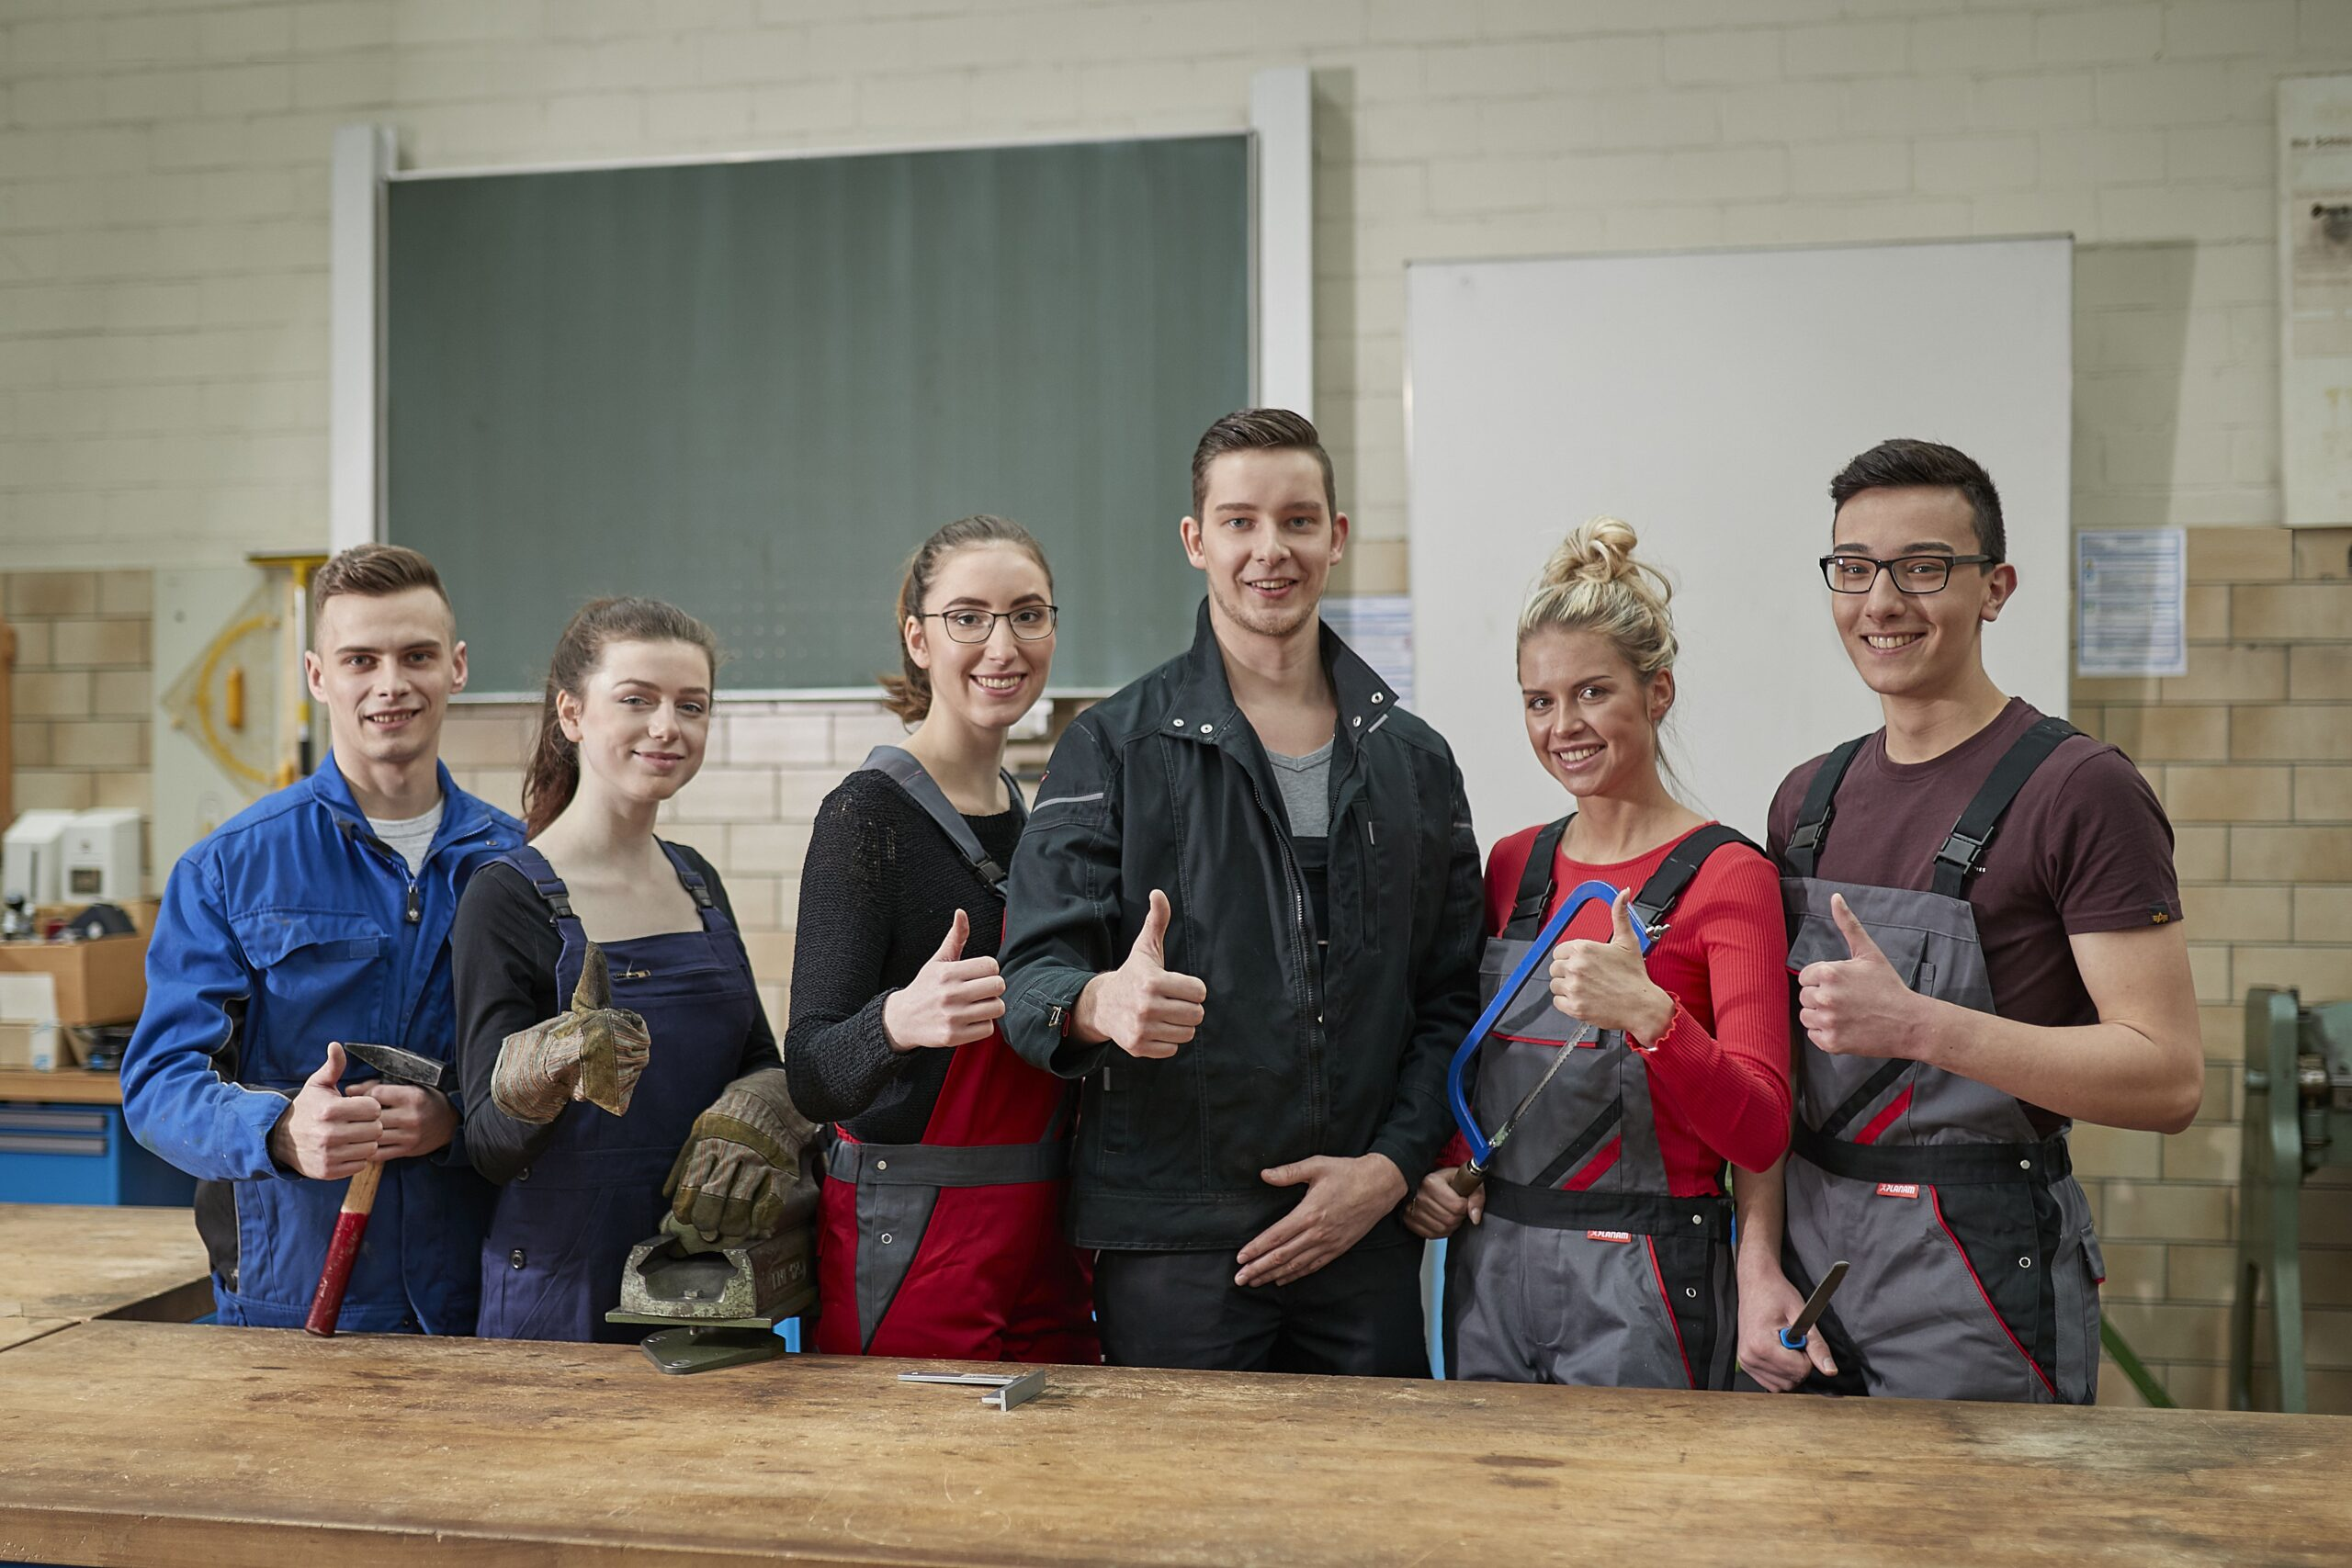 Sechs Jugendliche in der Werkstatt. Sie zeigen mit den Daumen nach oben und lächeln.